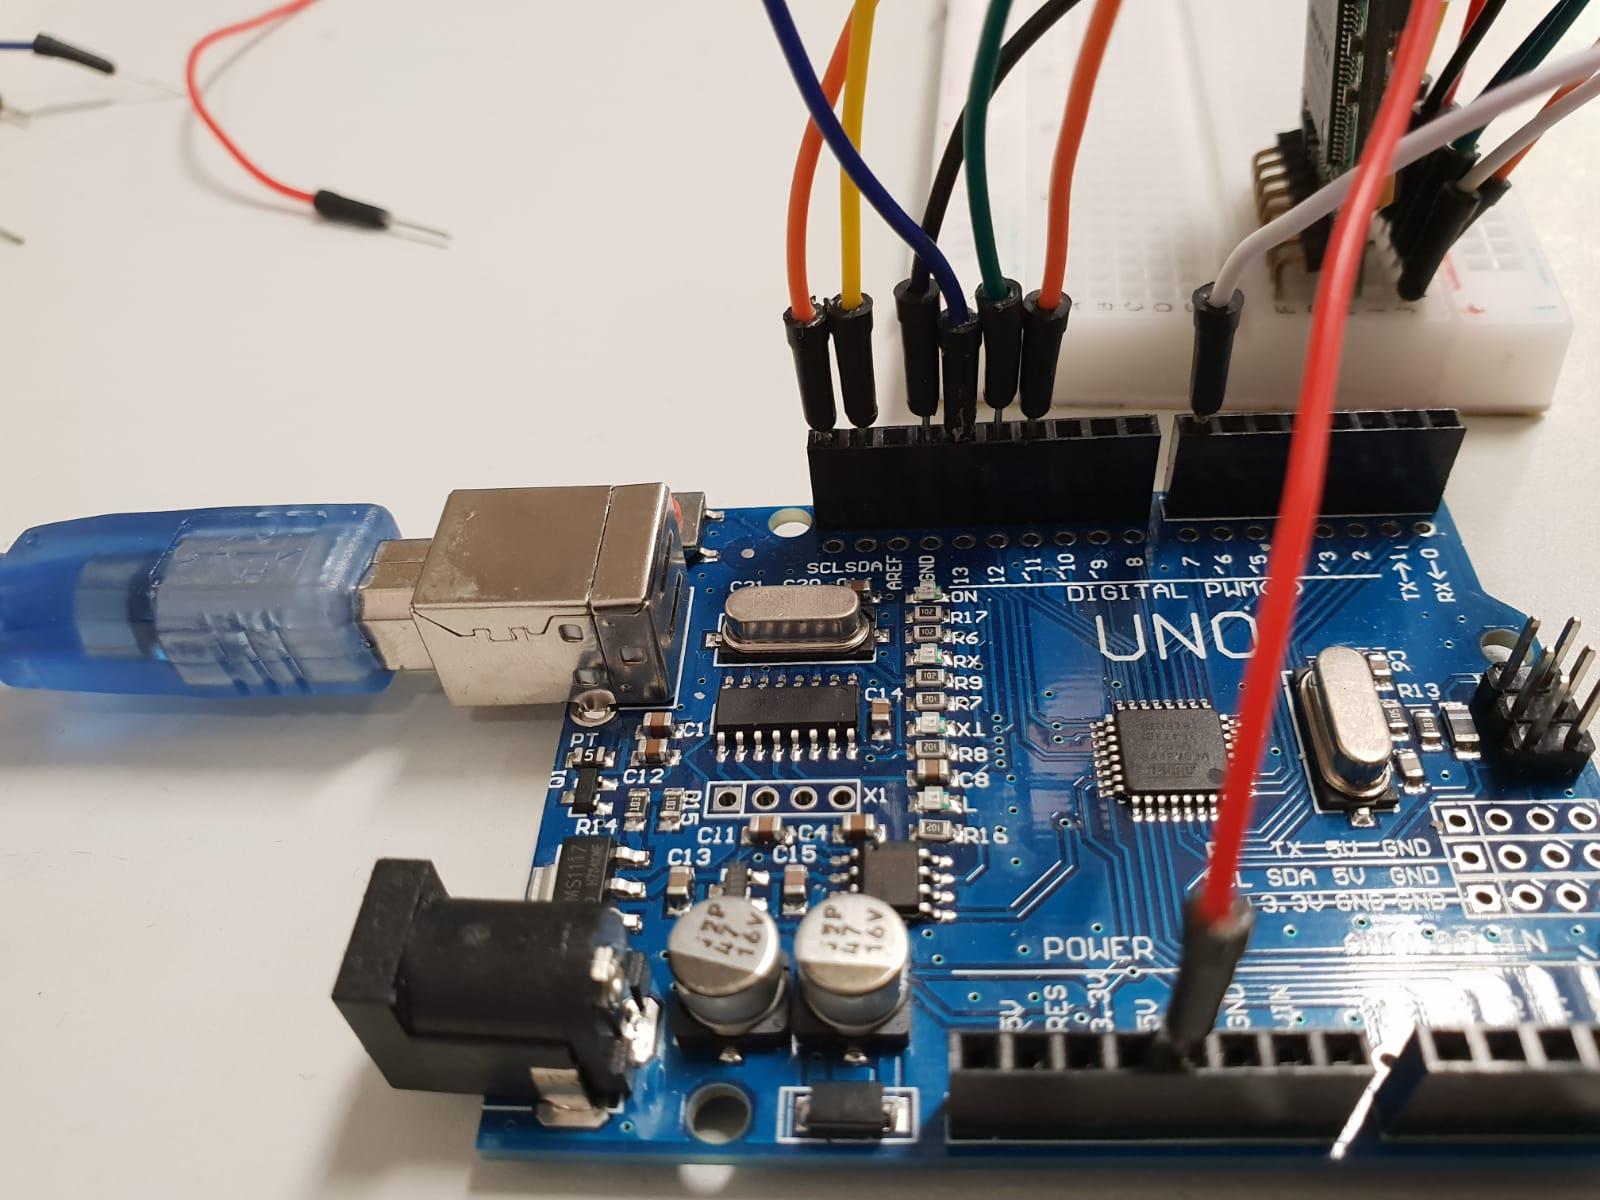 OV2640 Mini 2MP / UNO cannot detect camera · Issue #384